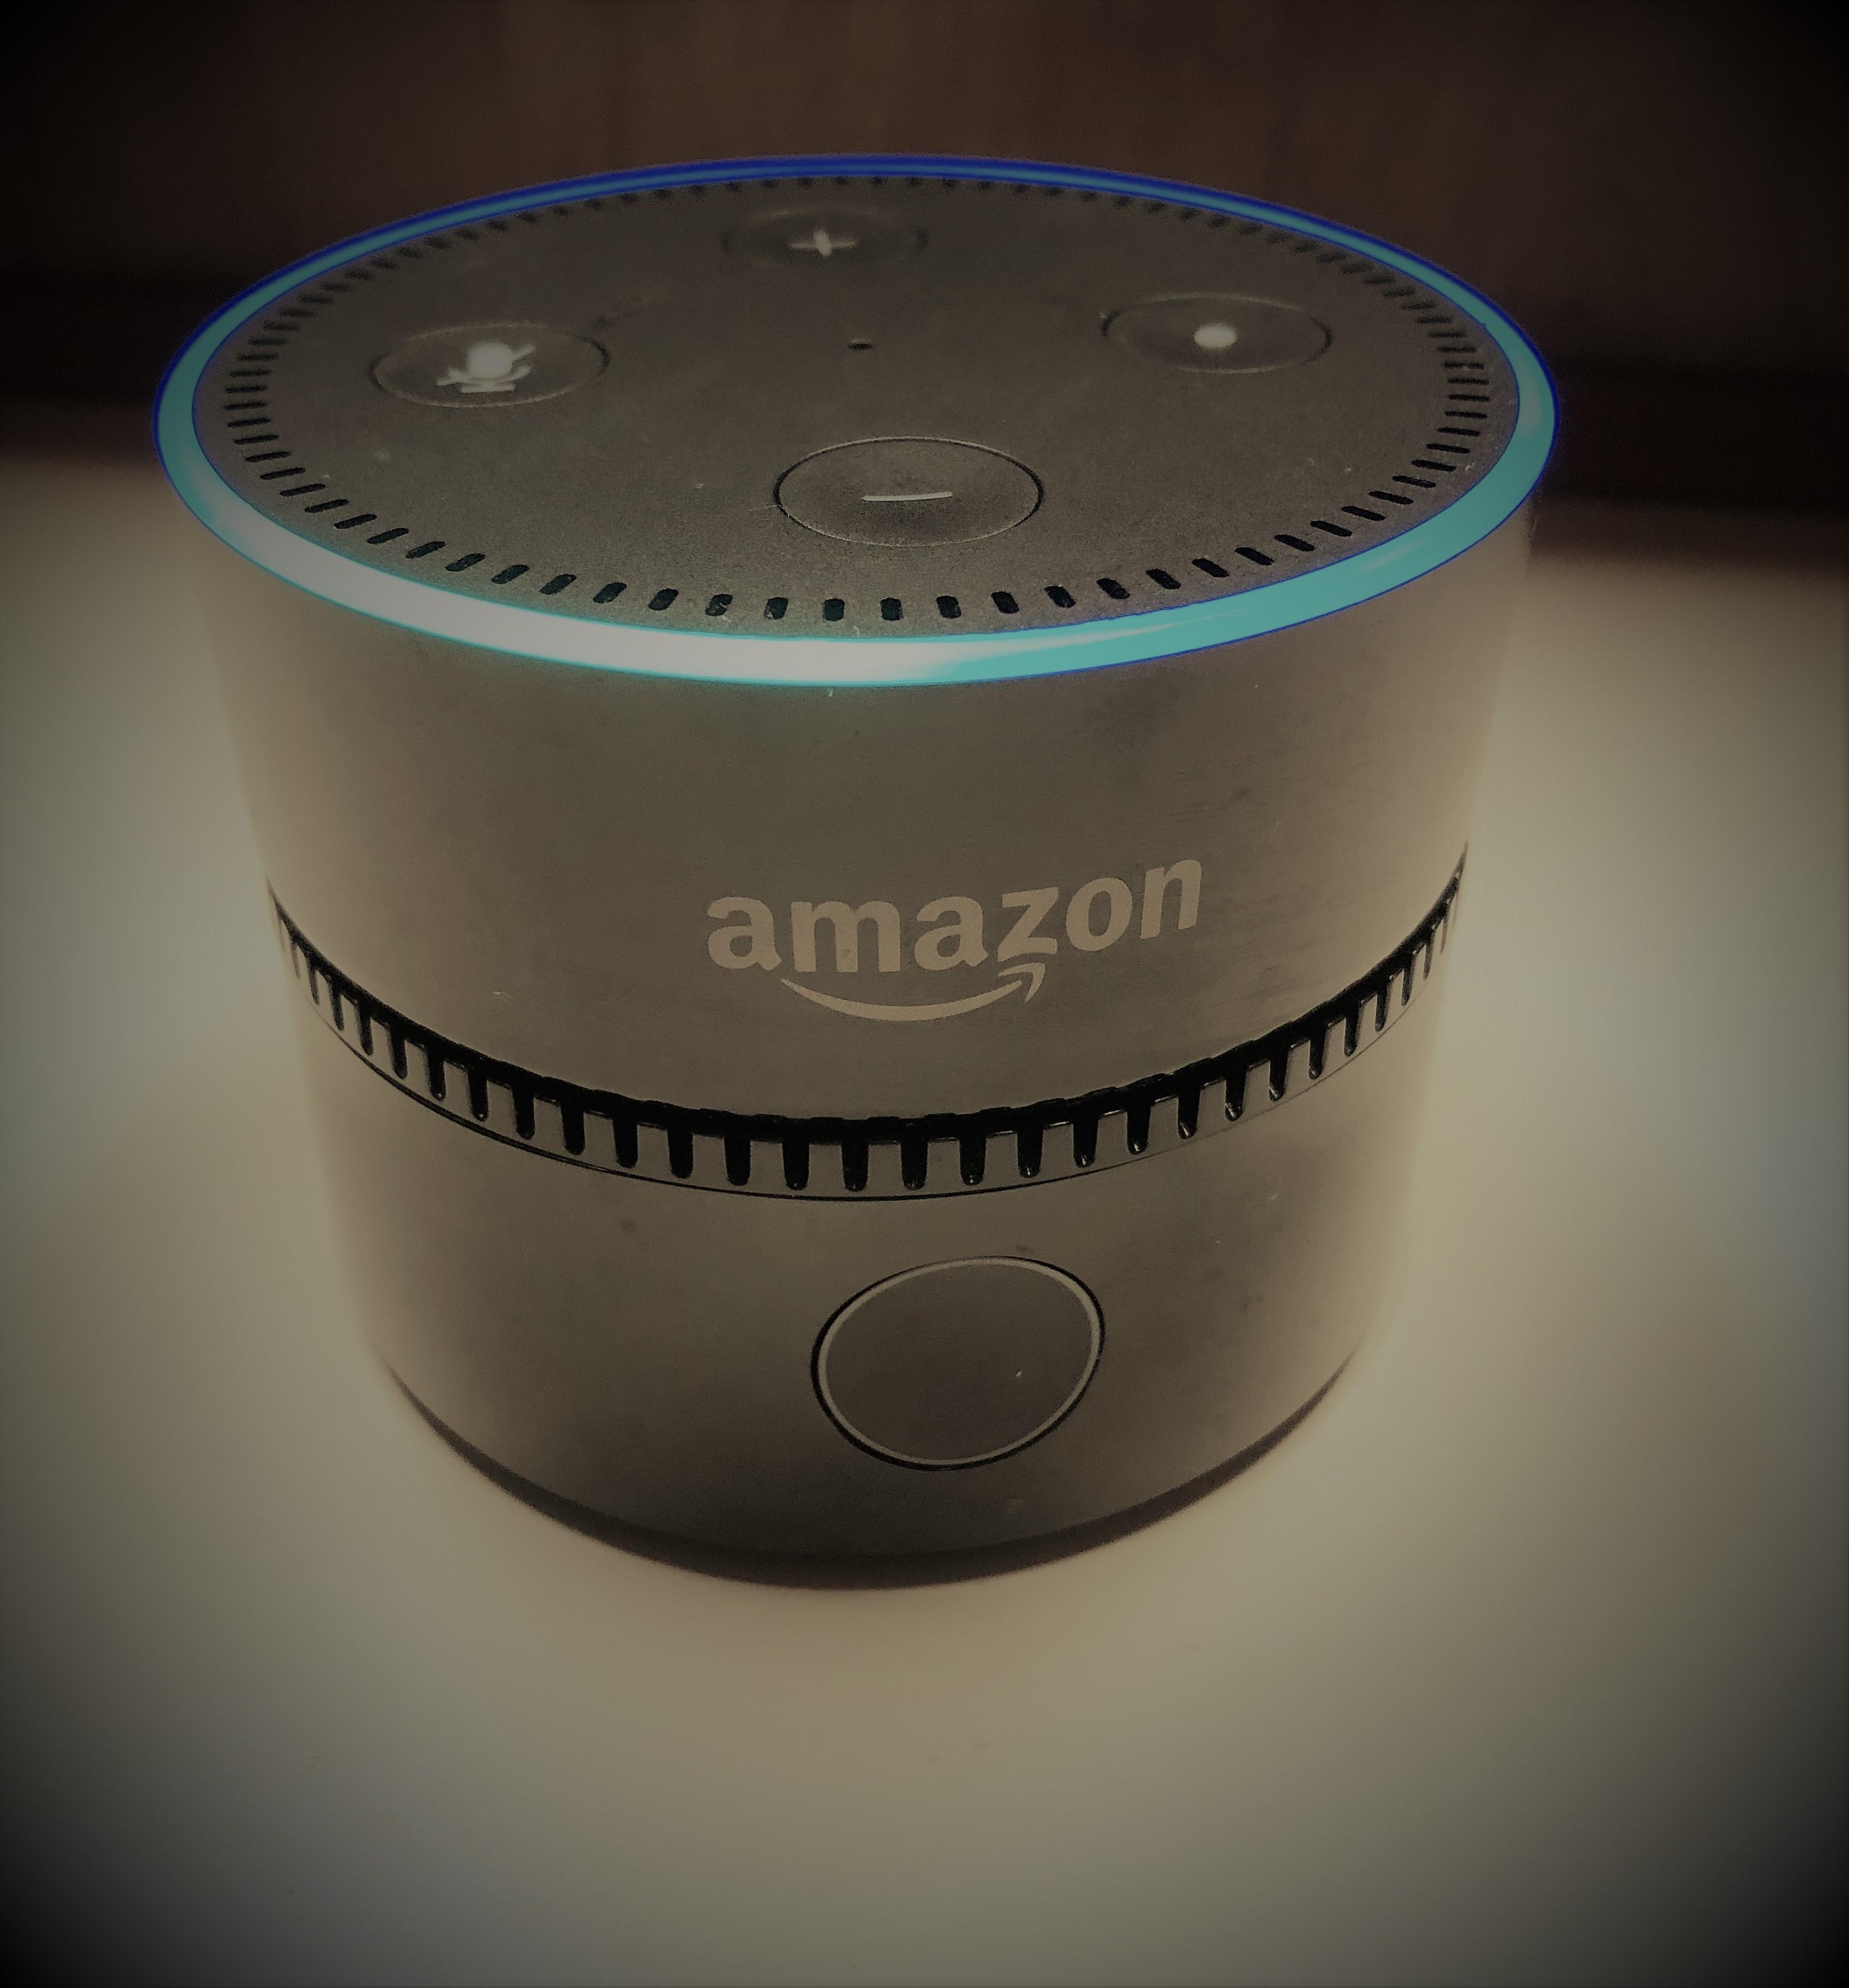 Echo's Alexa Devices